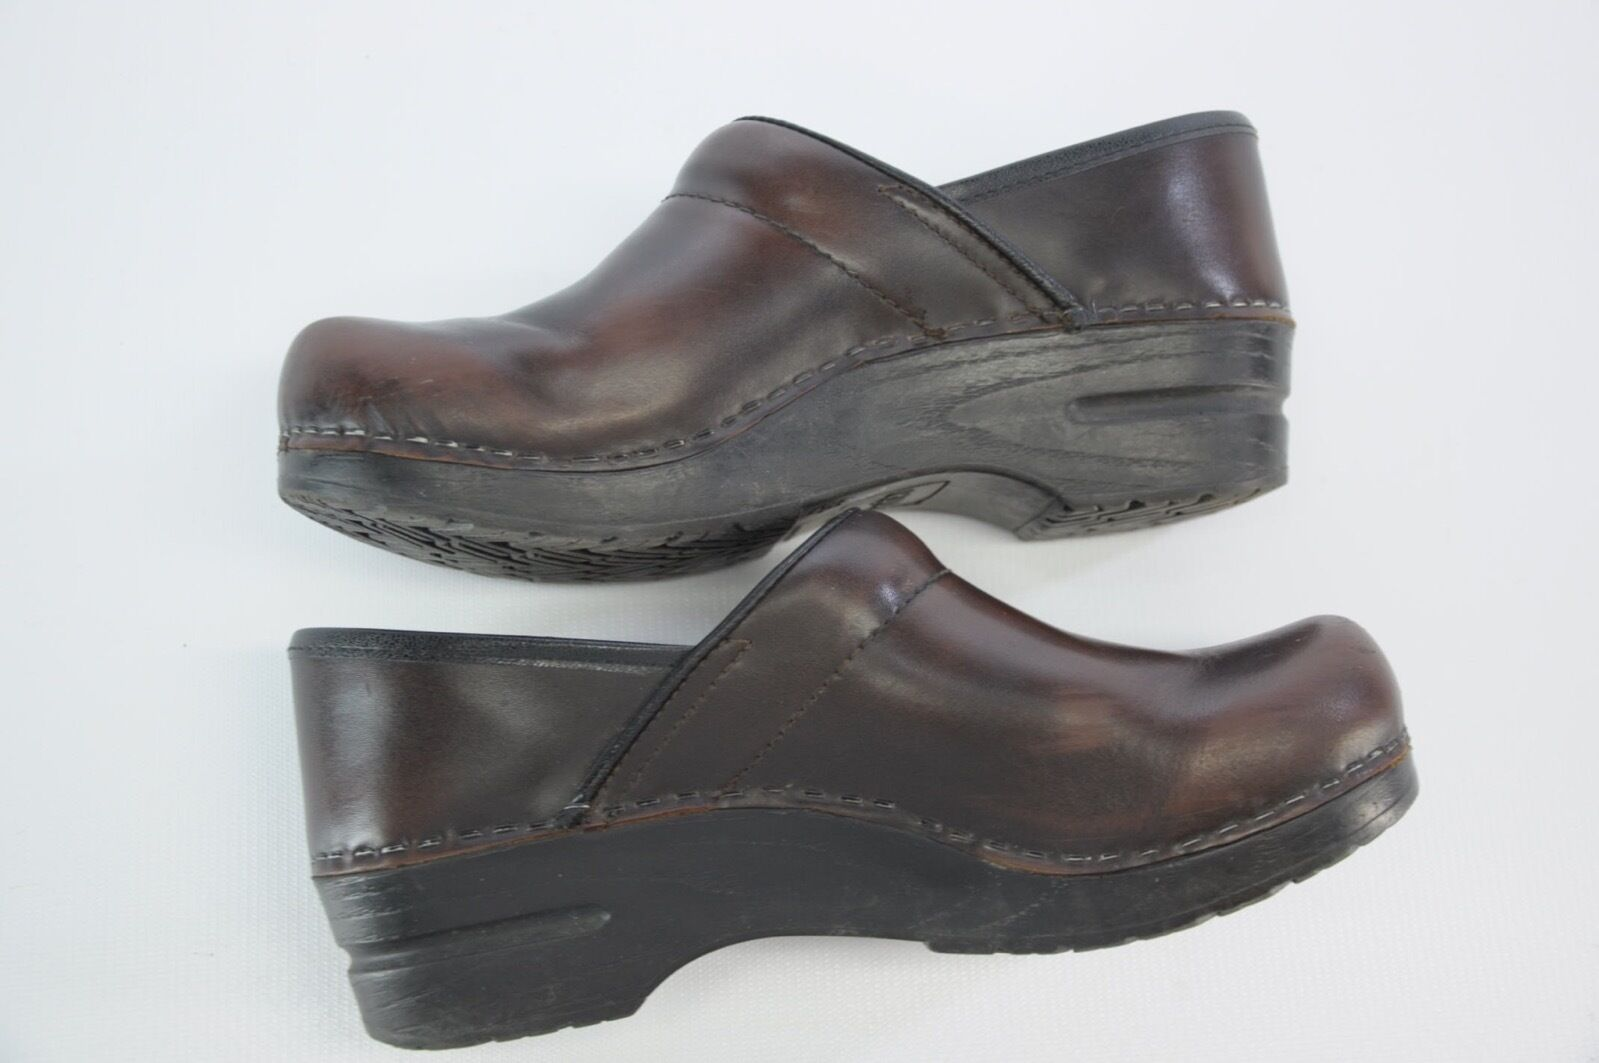 Sanita by Dansko Professional Dark Dark Dark braun Leather Clogs Slip On schuhe 38 8 d990d8